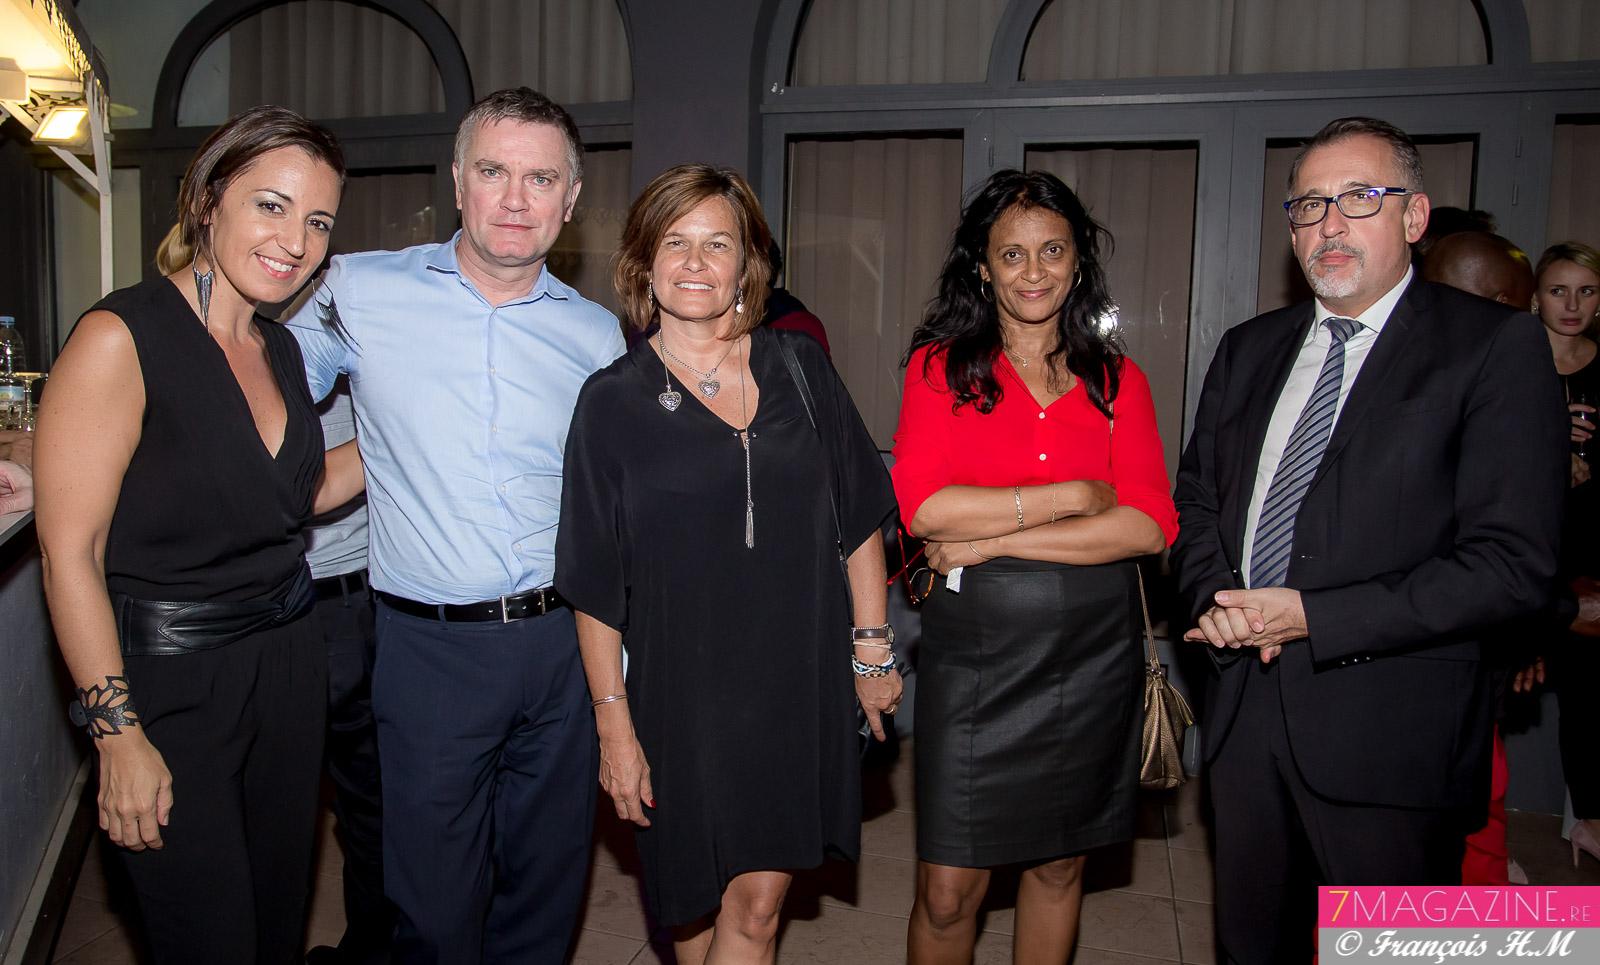 Sabrina Riviere, Alain Druelles, Angélique Goodall, directrice régionale adjointe Pôle Emploi, Colette Puvilland, et Michel Swieton